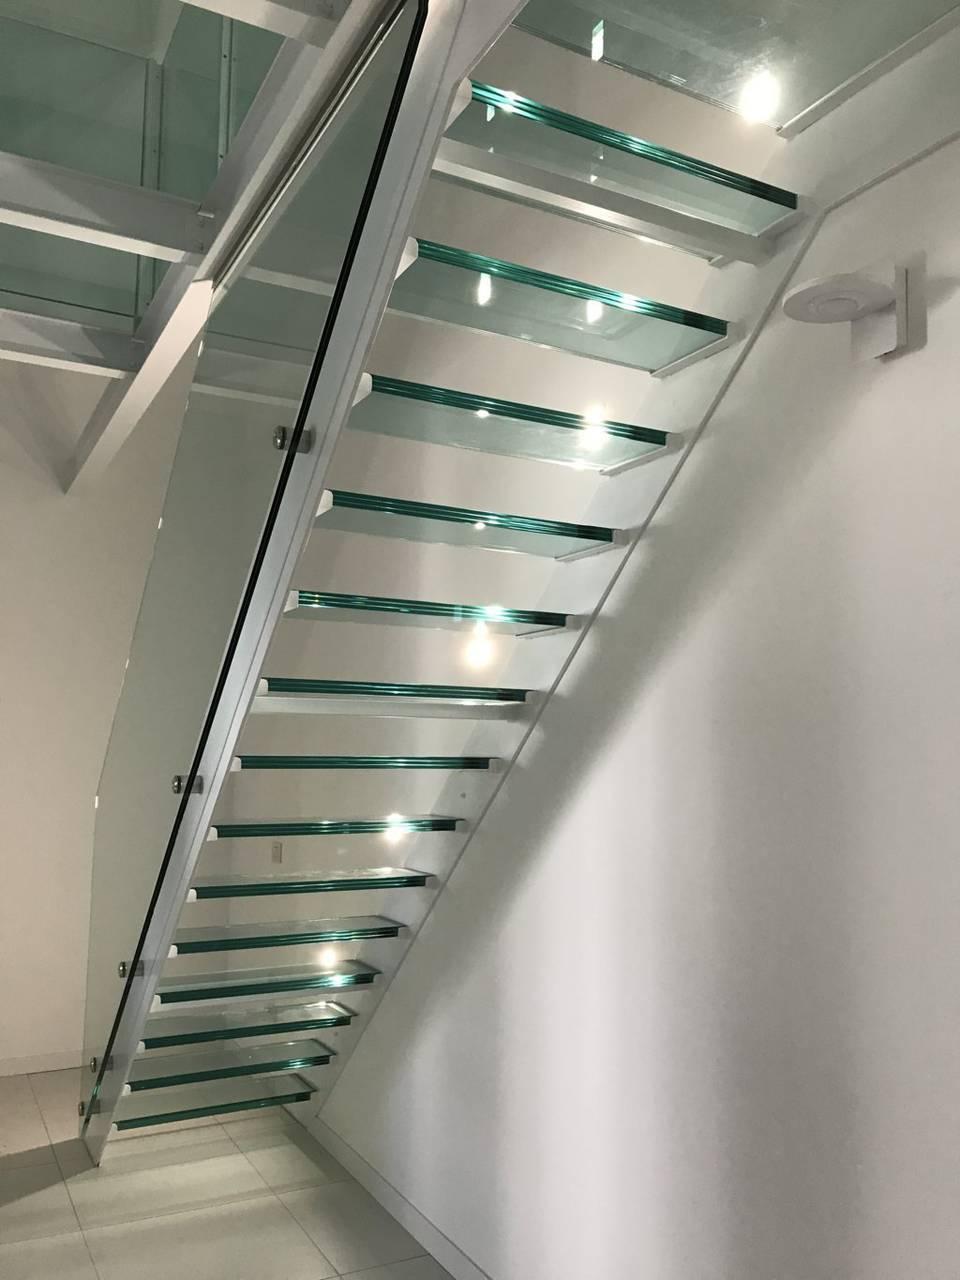 Appartamento-Loft-in-vendita-a-Agrate-Brianza-23